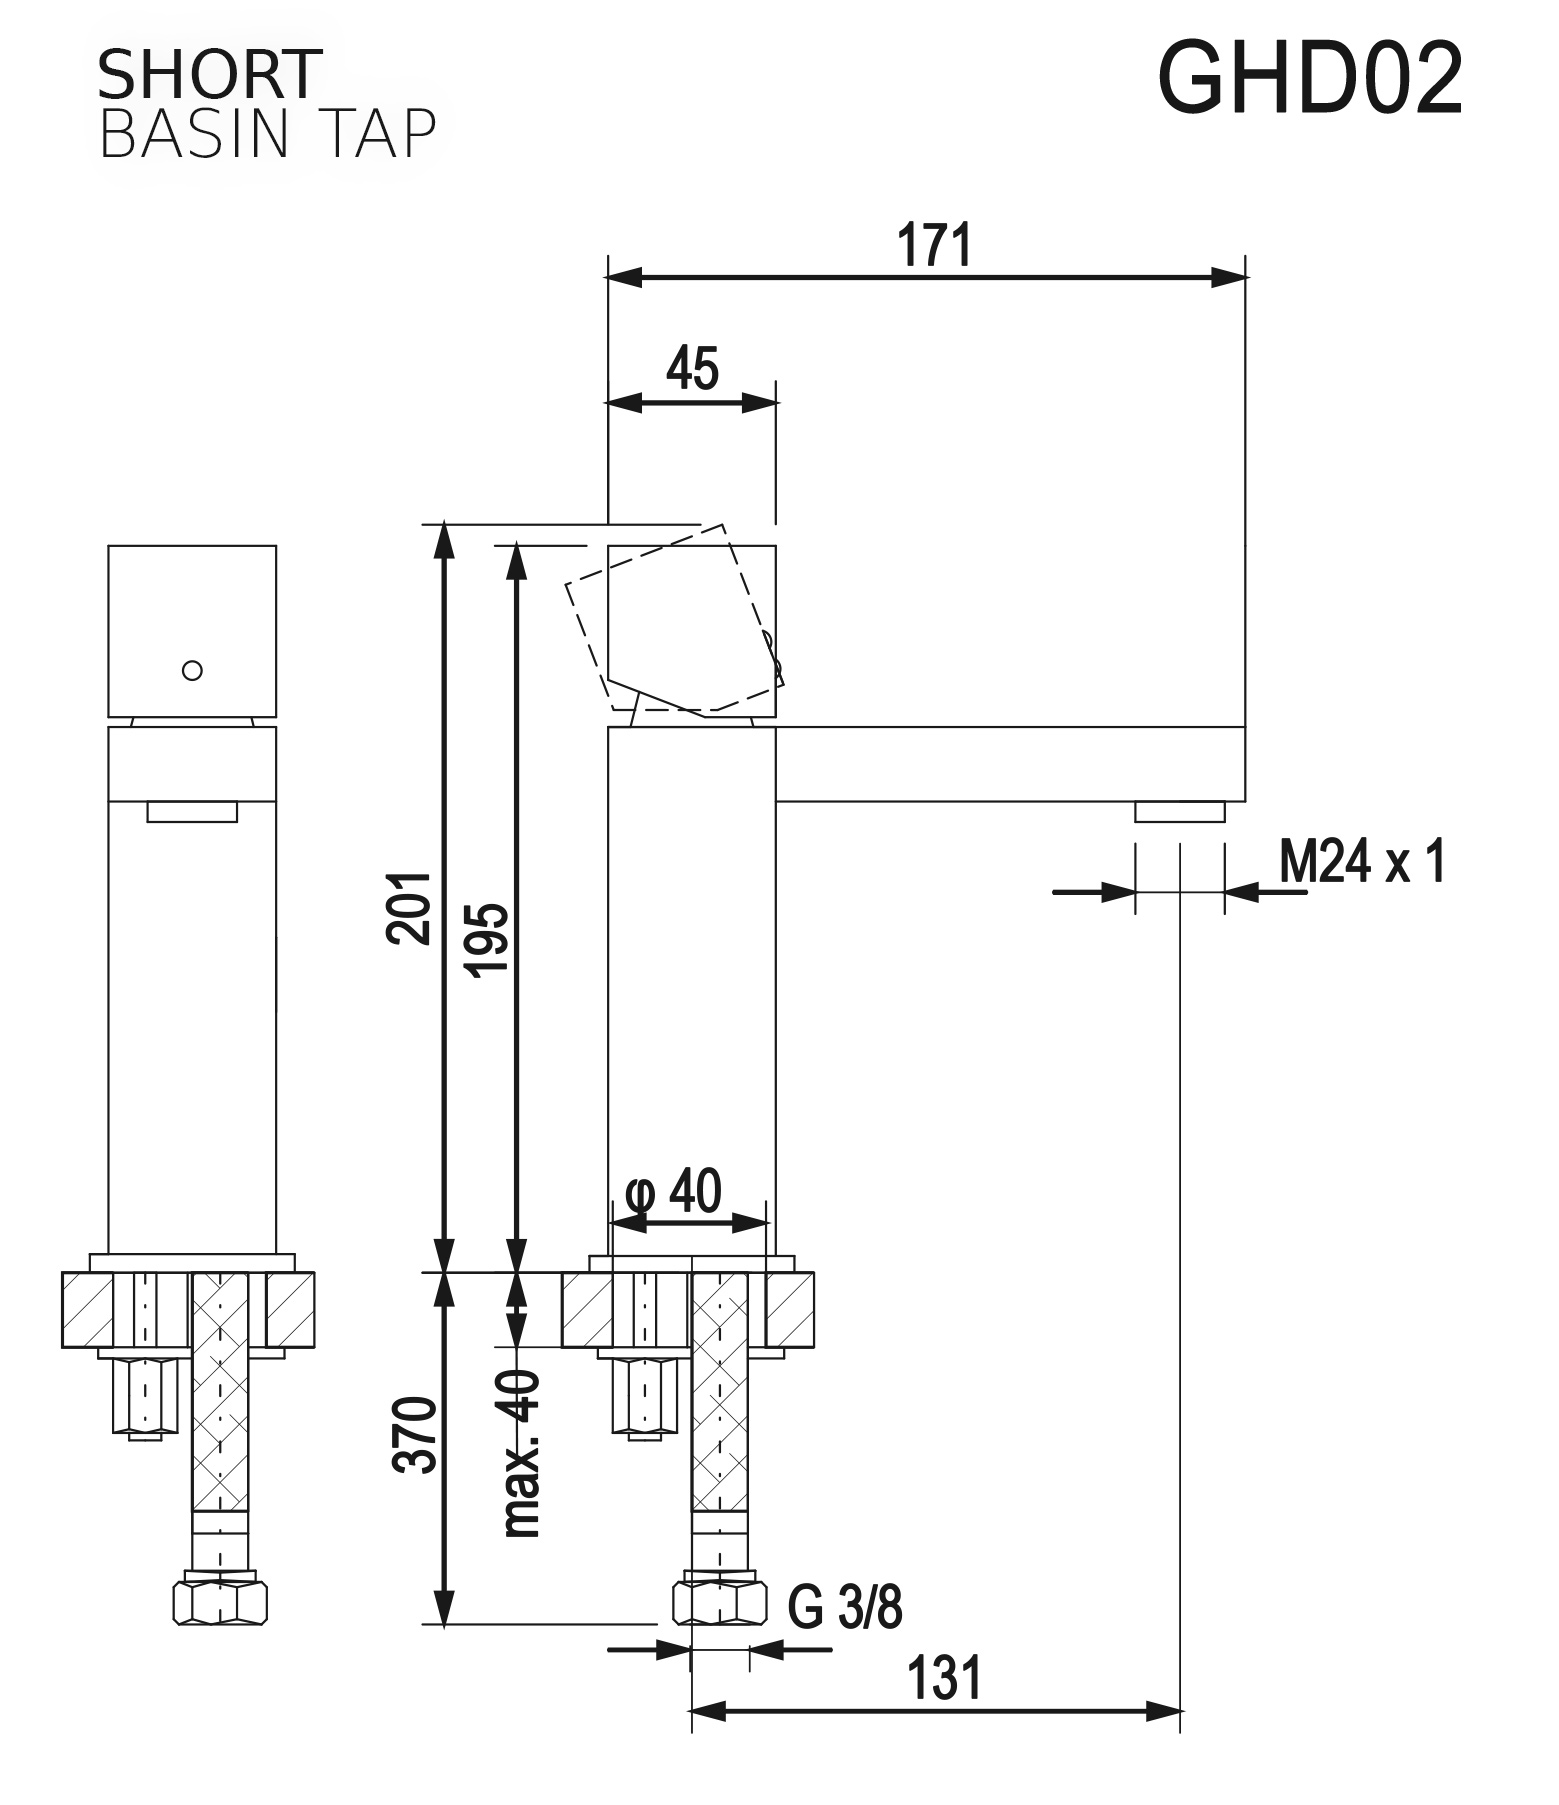 Niedrige Waschtischarmatur GHD02 (Technische Zeichnung)